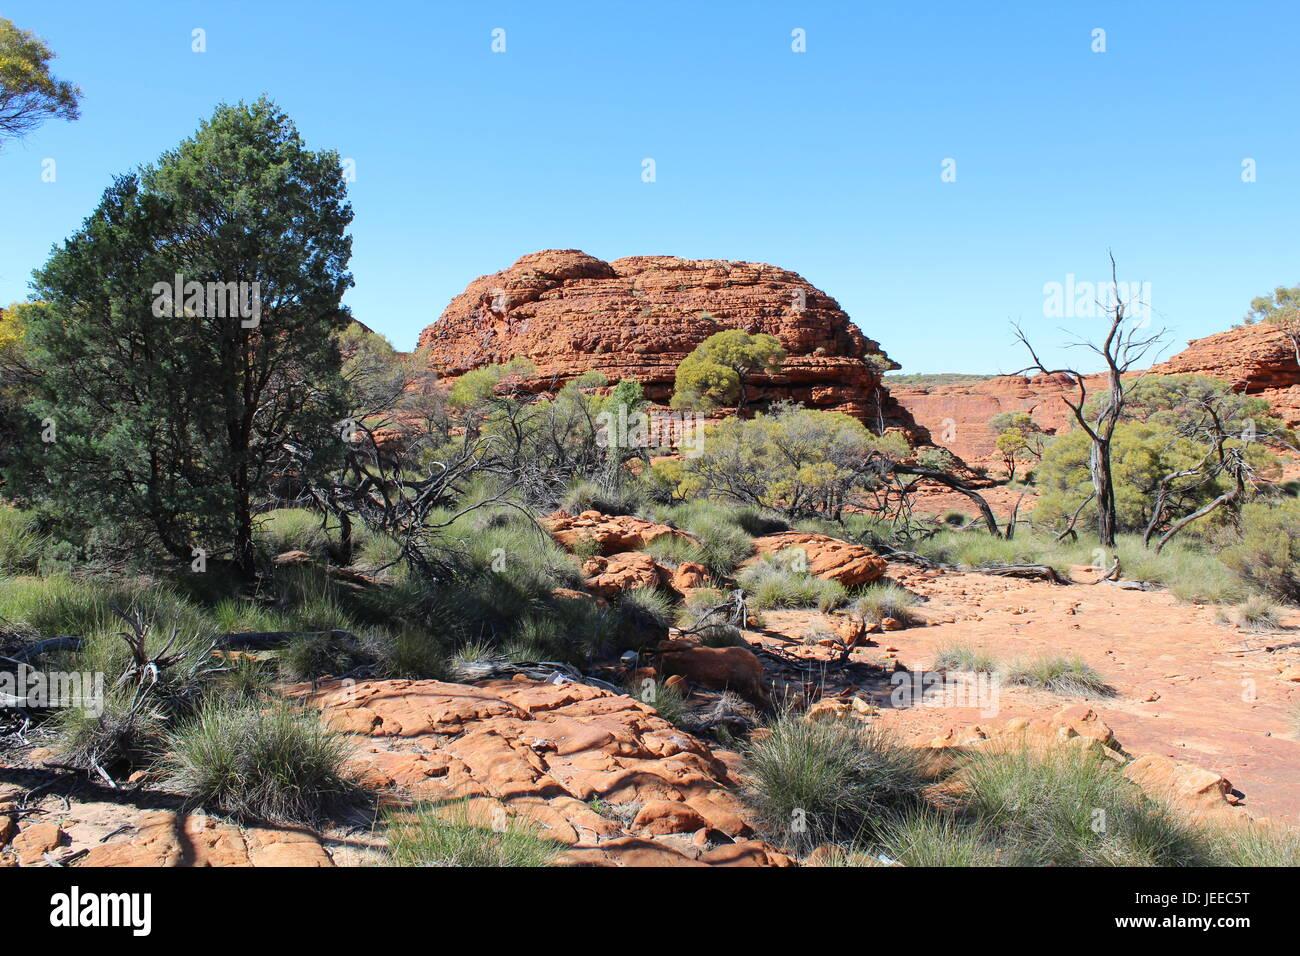 Landschaft am Kings Canyon im Northern Territory von Australien Stockfoto